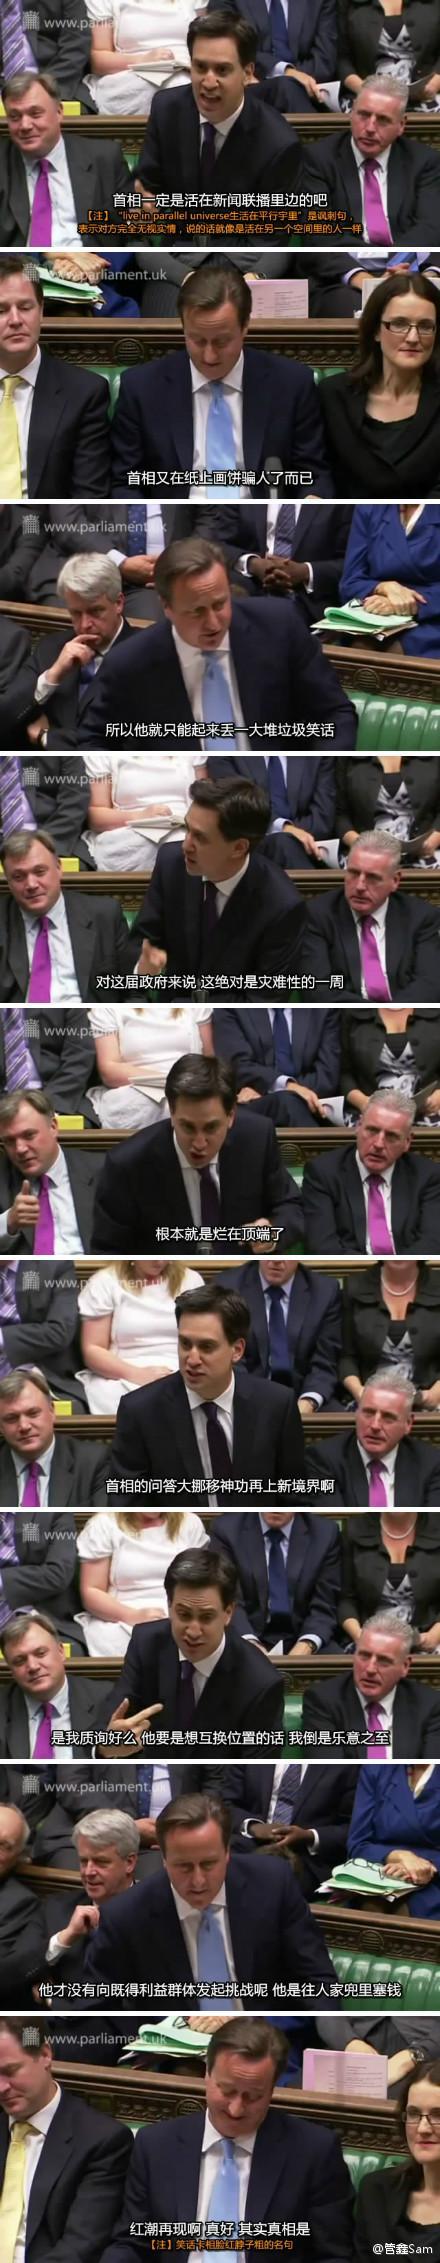 英国下议院首相问答 2012.10.24 【小米不吃能源饼,卡相苦吞铁路钉】